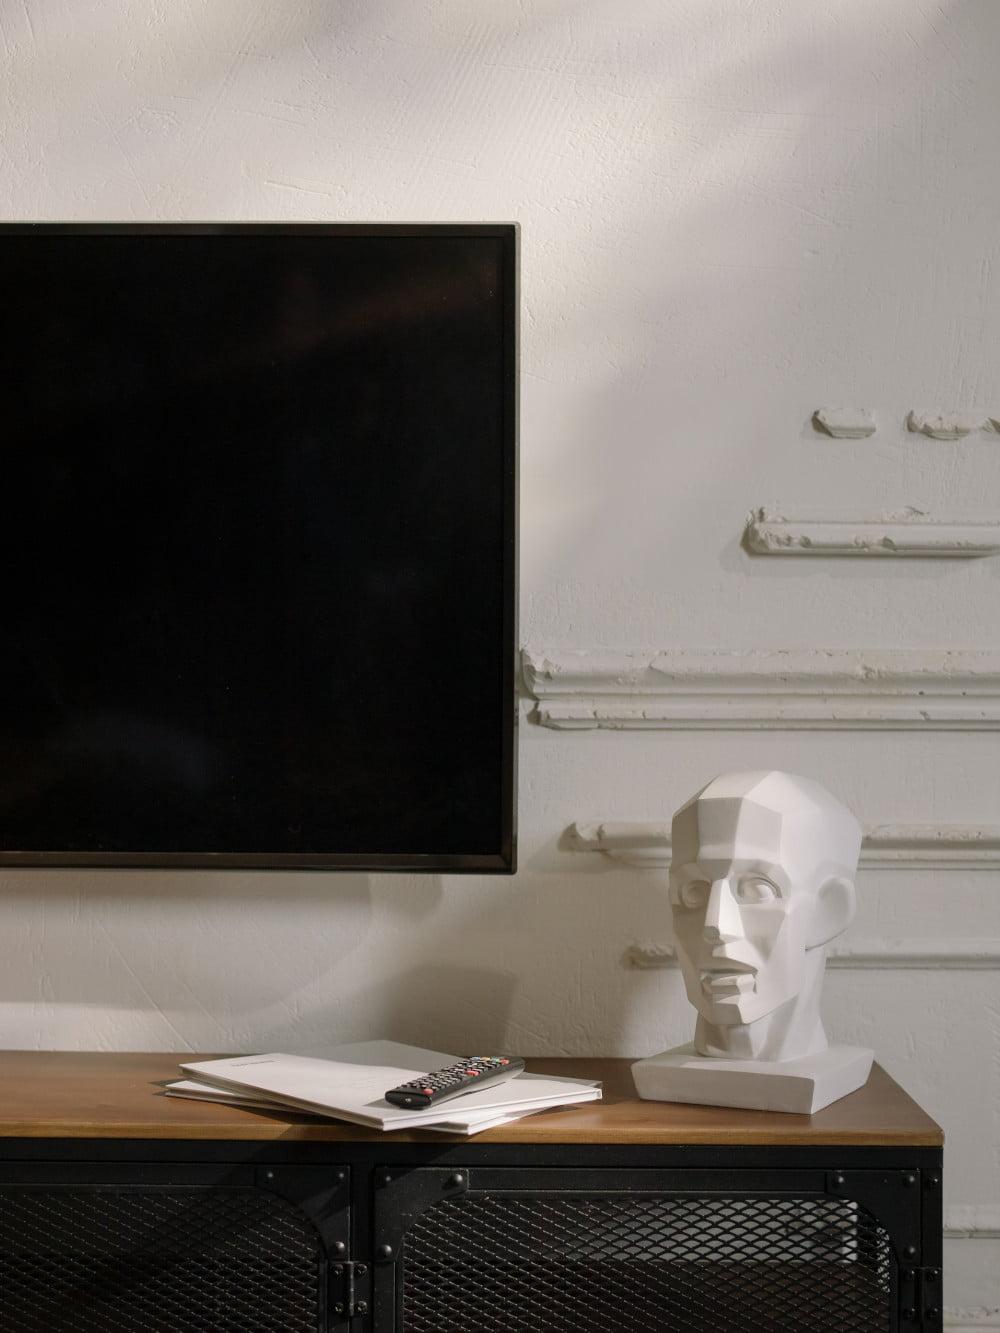 Na co zwrócić uwagę wybierając nowy telewizor.